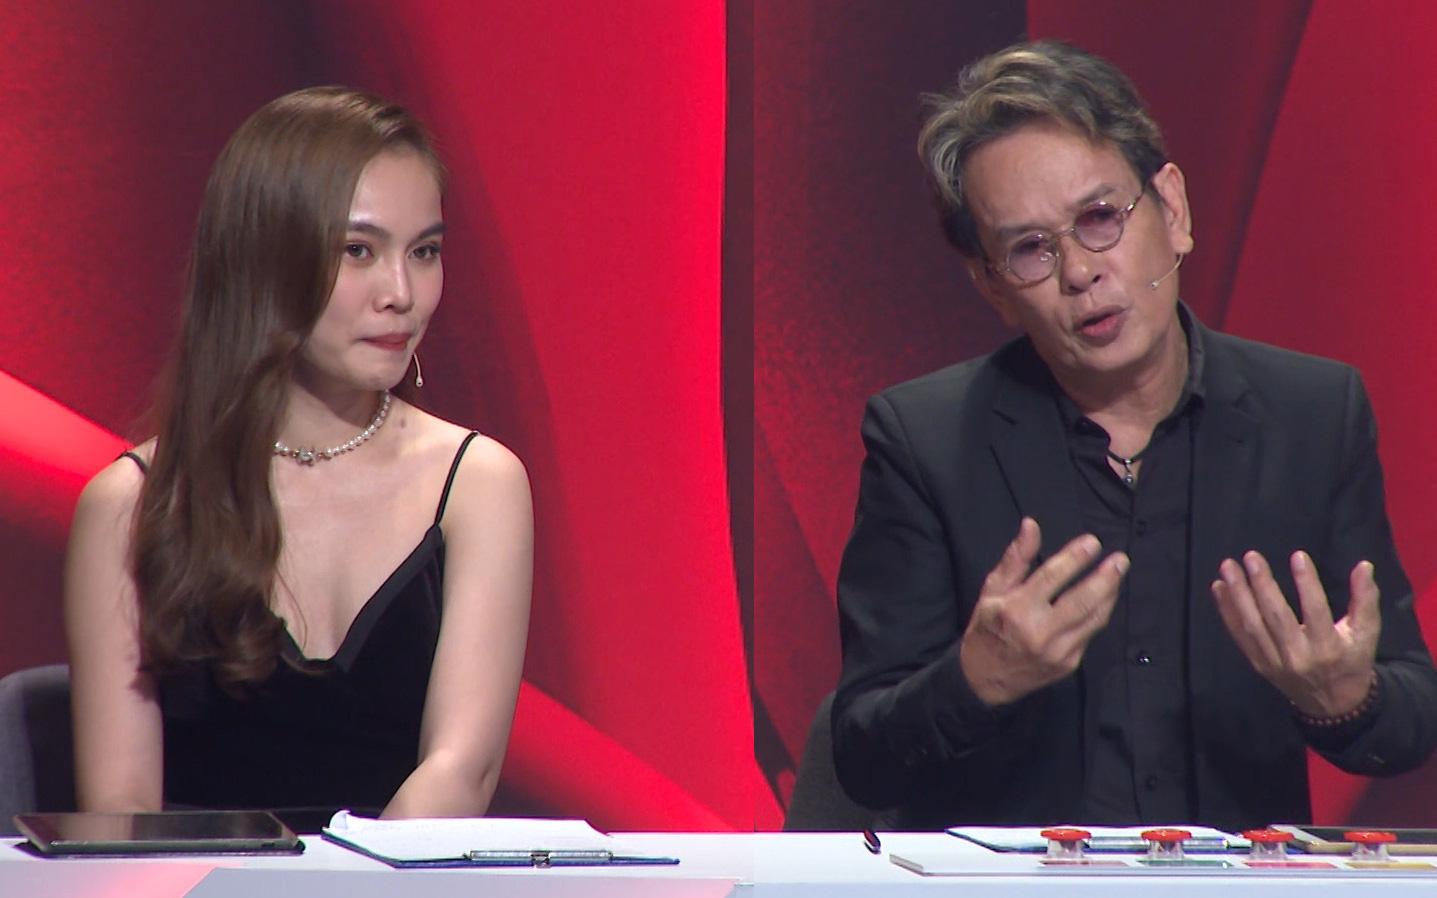 """Bảo vệ thí sinh, nhạc sĩ Đức Huy không ngại """"bẻ"""" Giang Hồng Ngọc trên sóng truyền hình"""